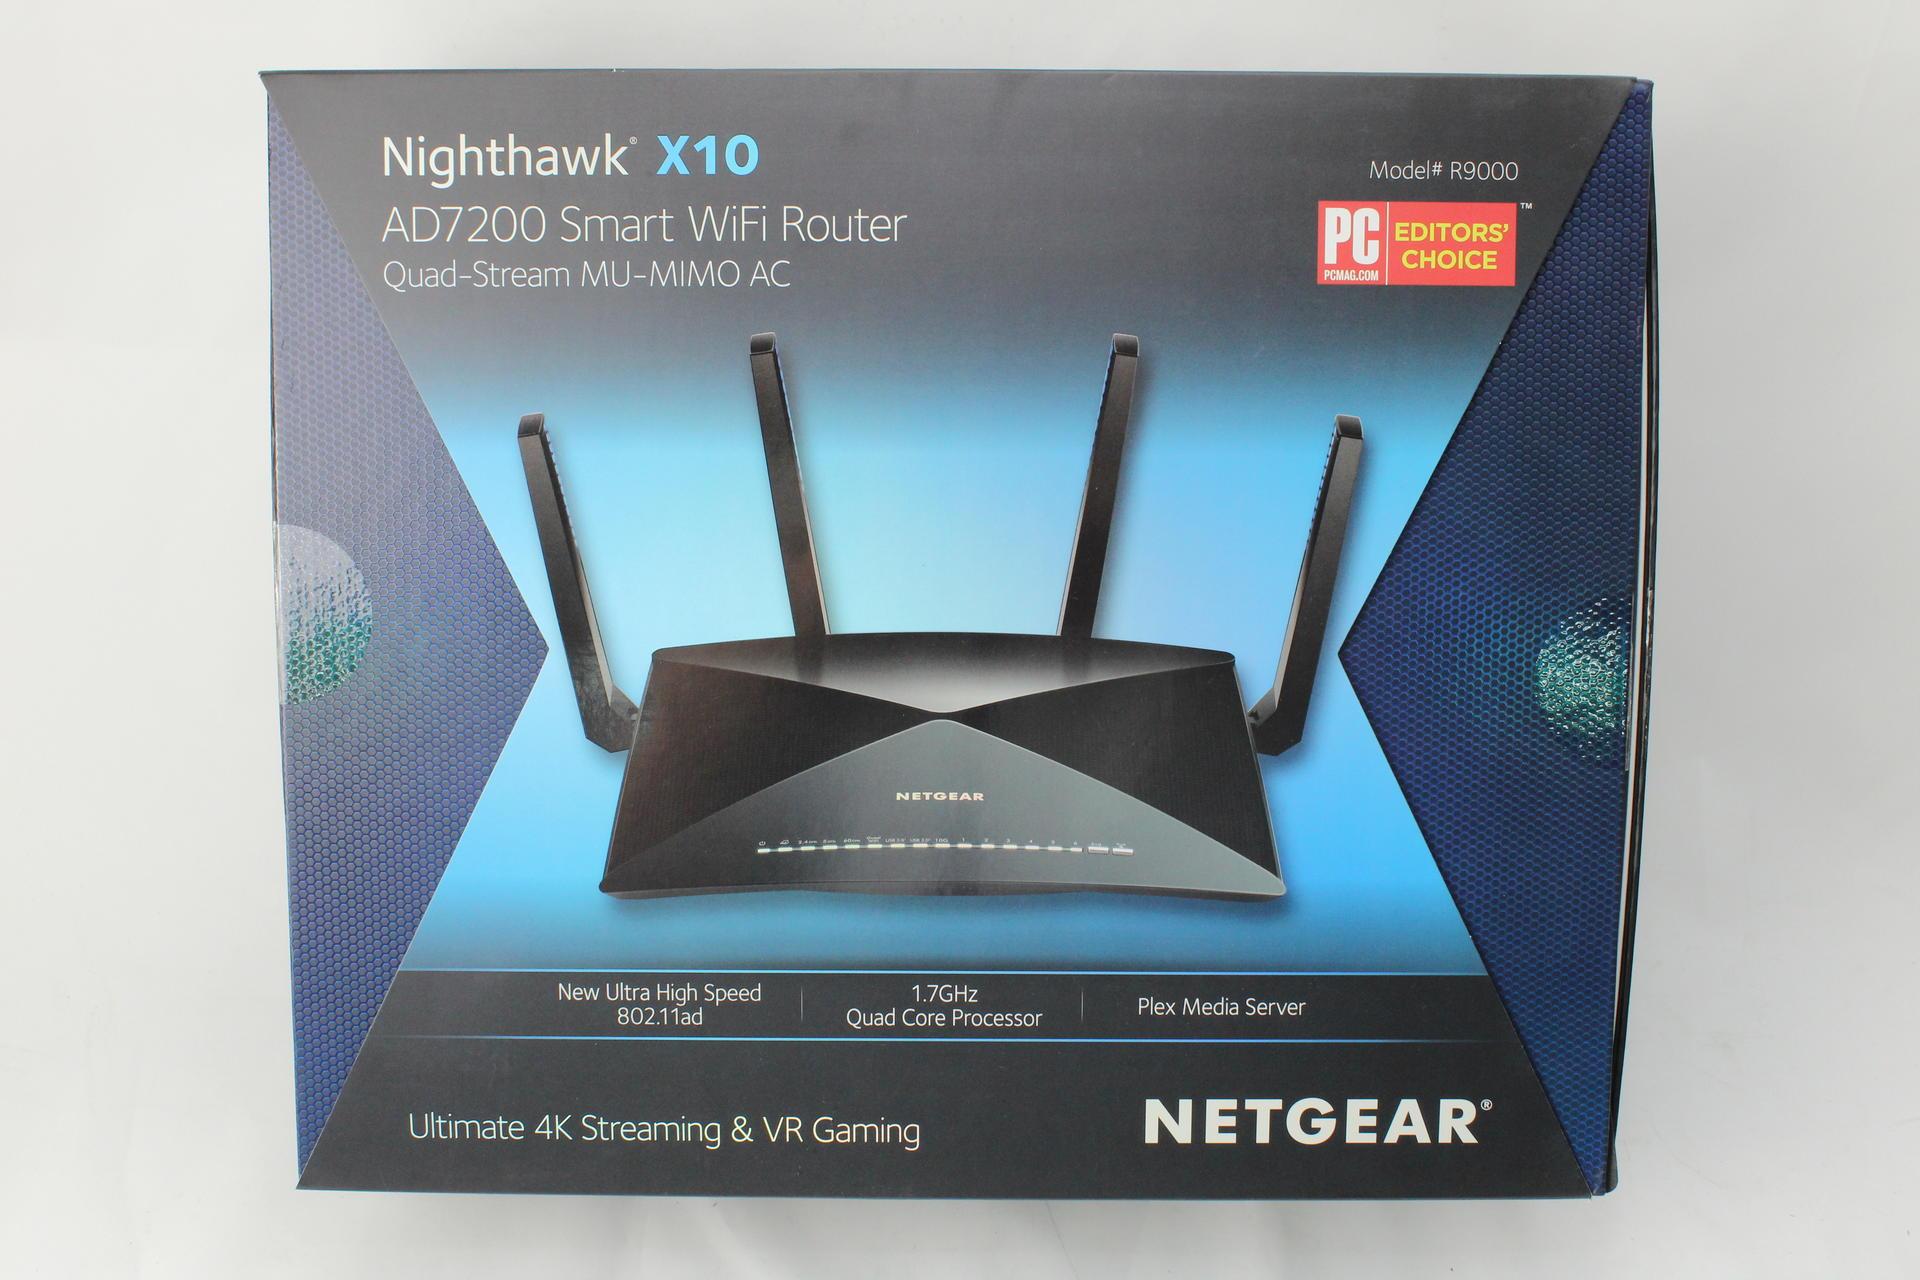 NETGEAR Nighthawk X10 Smart WiFi Router (R9000) Wireless